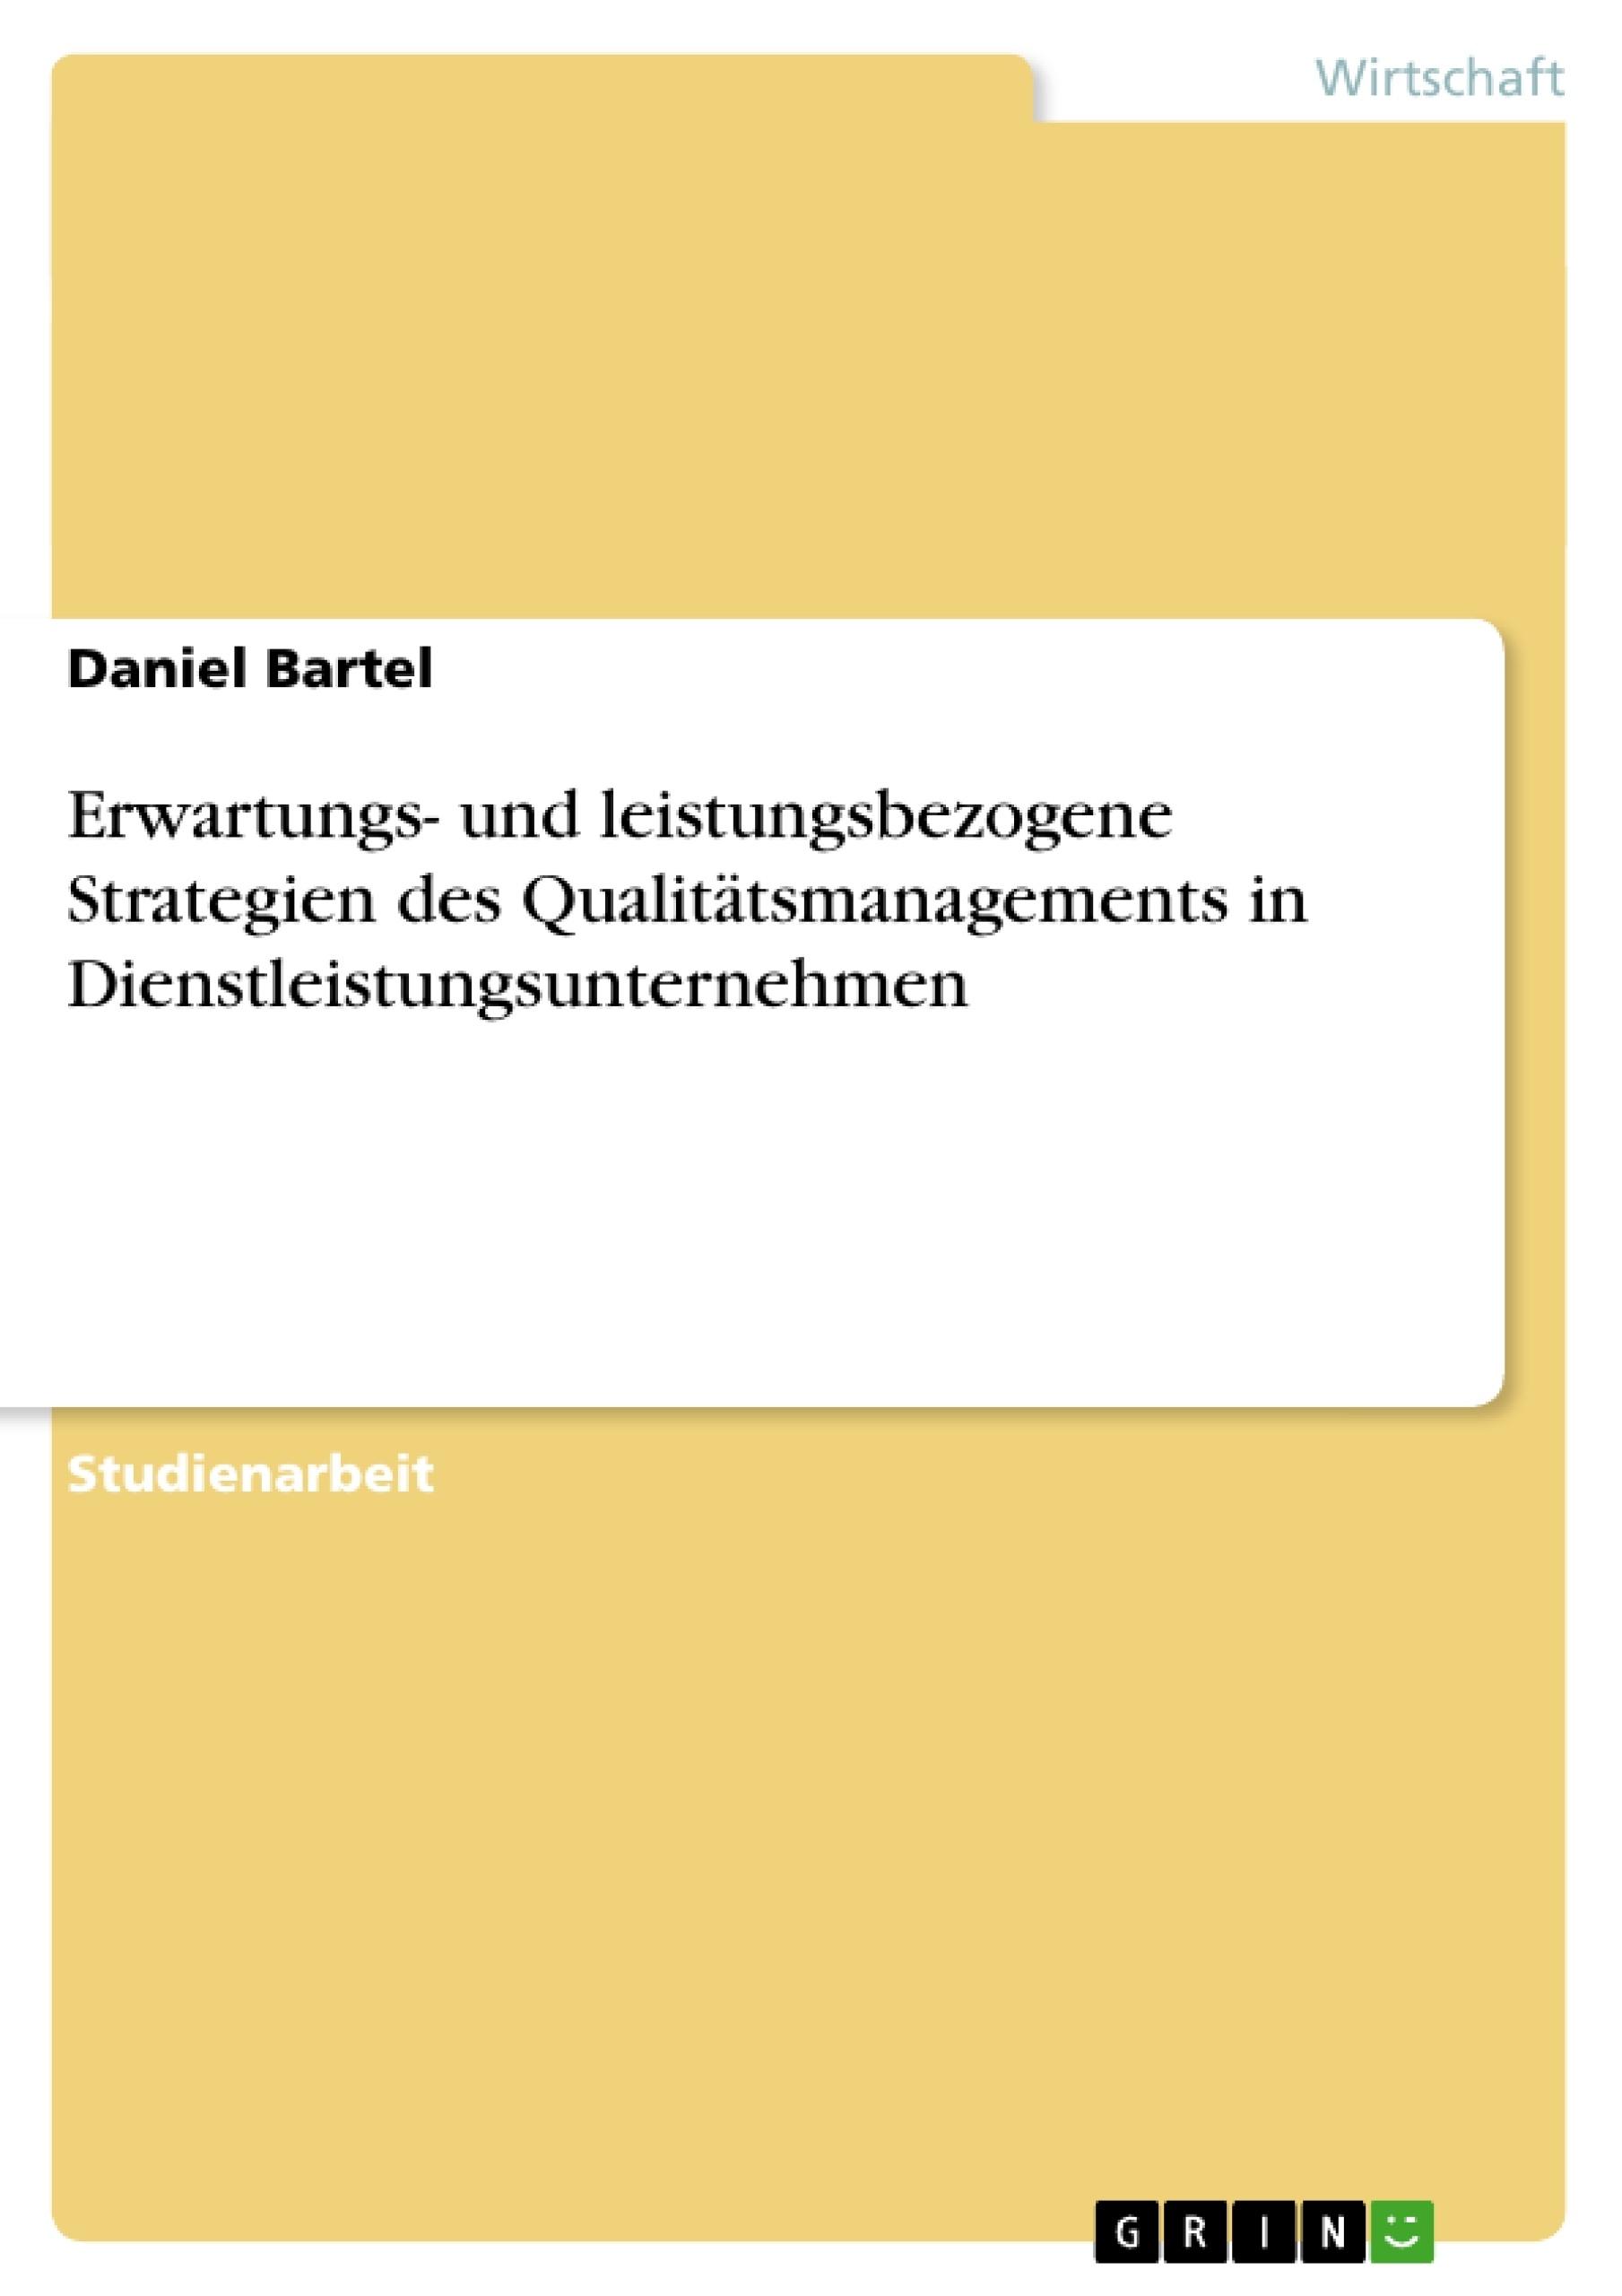 Titel: Erwartungs- und leistungsbezogene Strategien des  Qualitätsmanagements in Dienstleistungsunternehmen